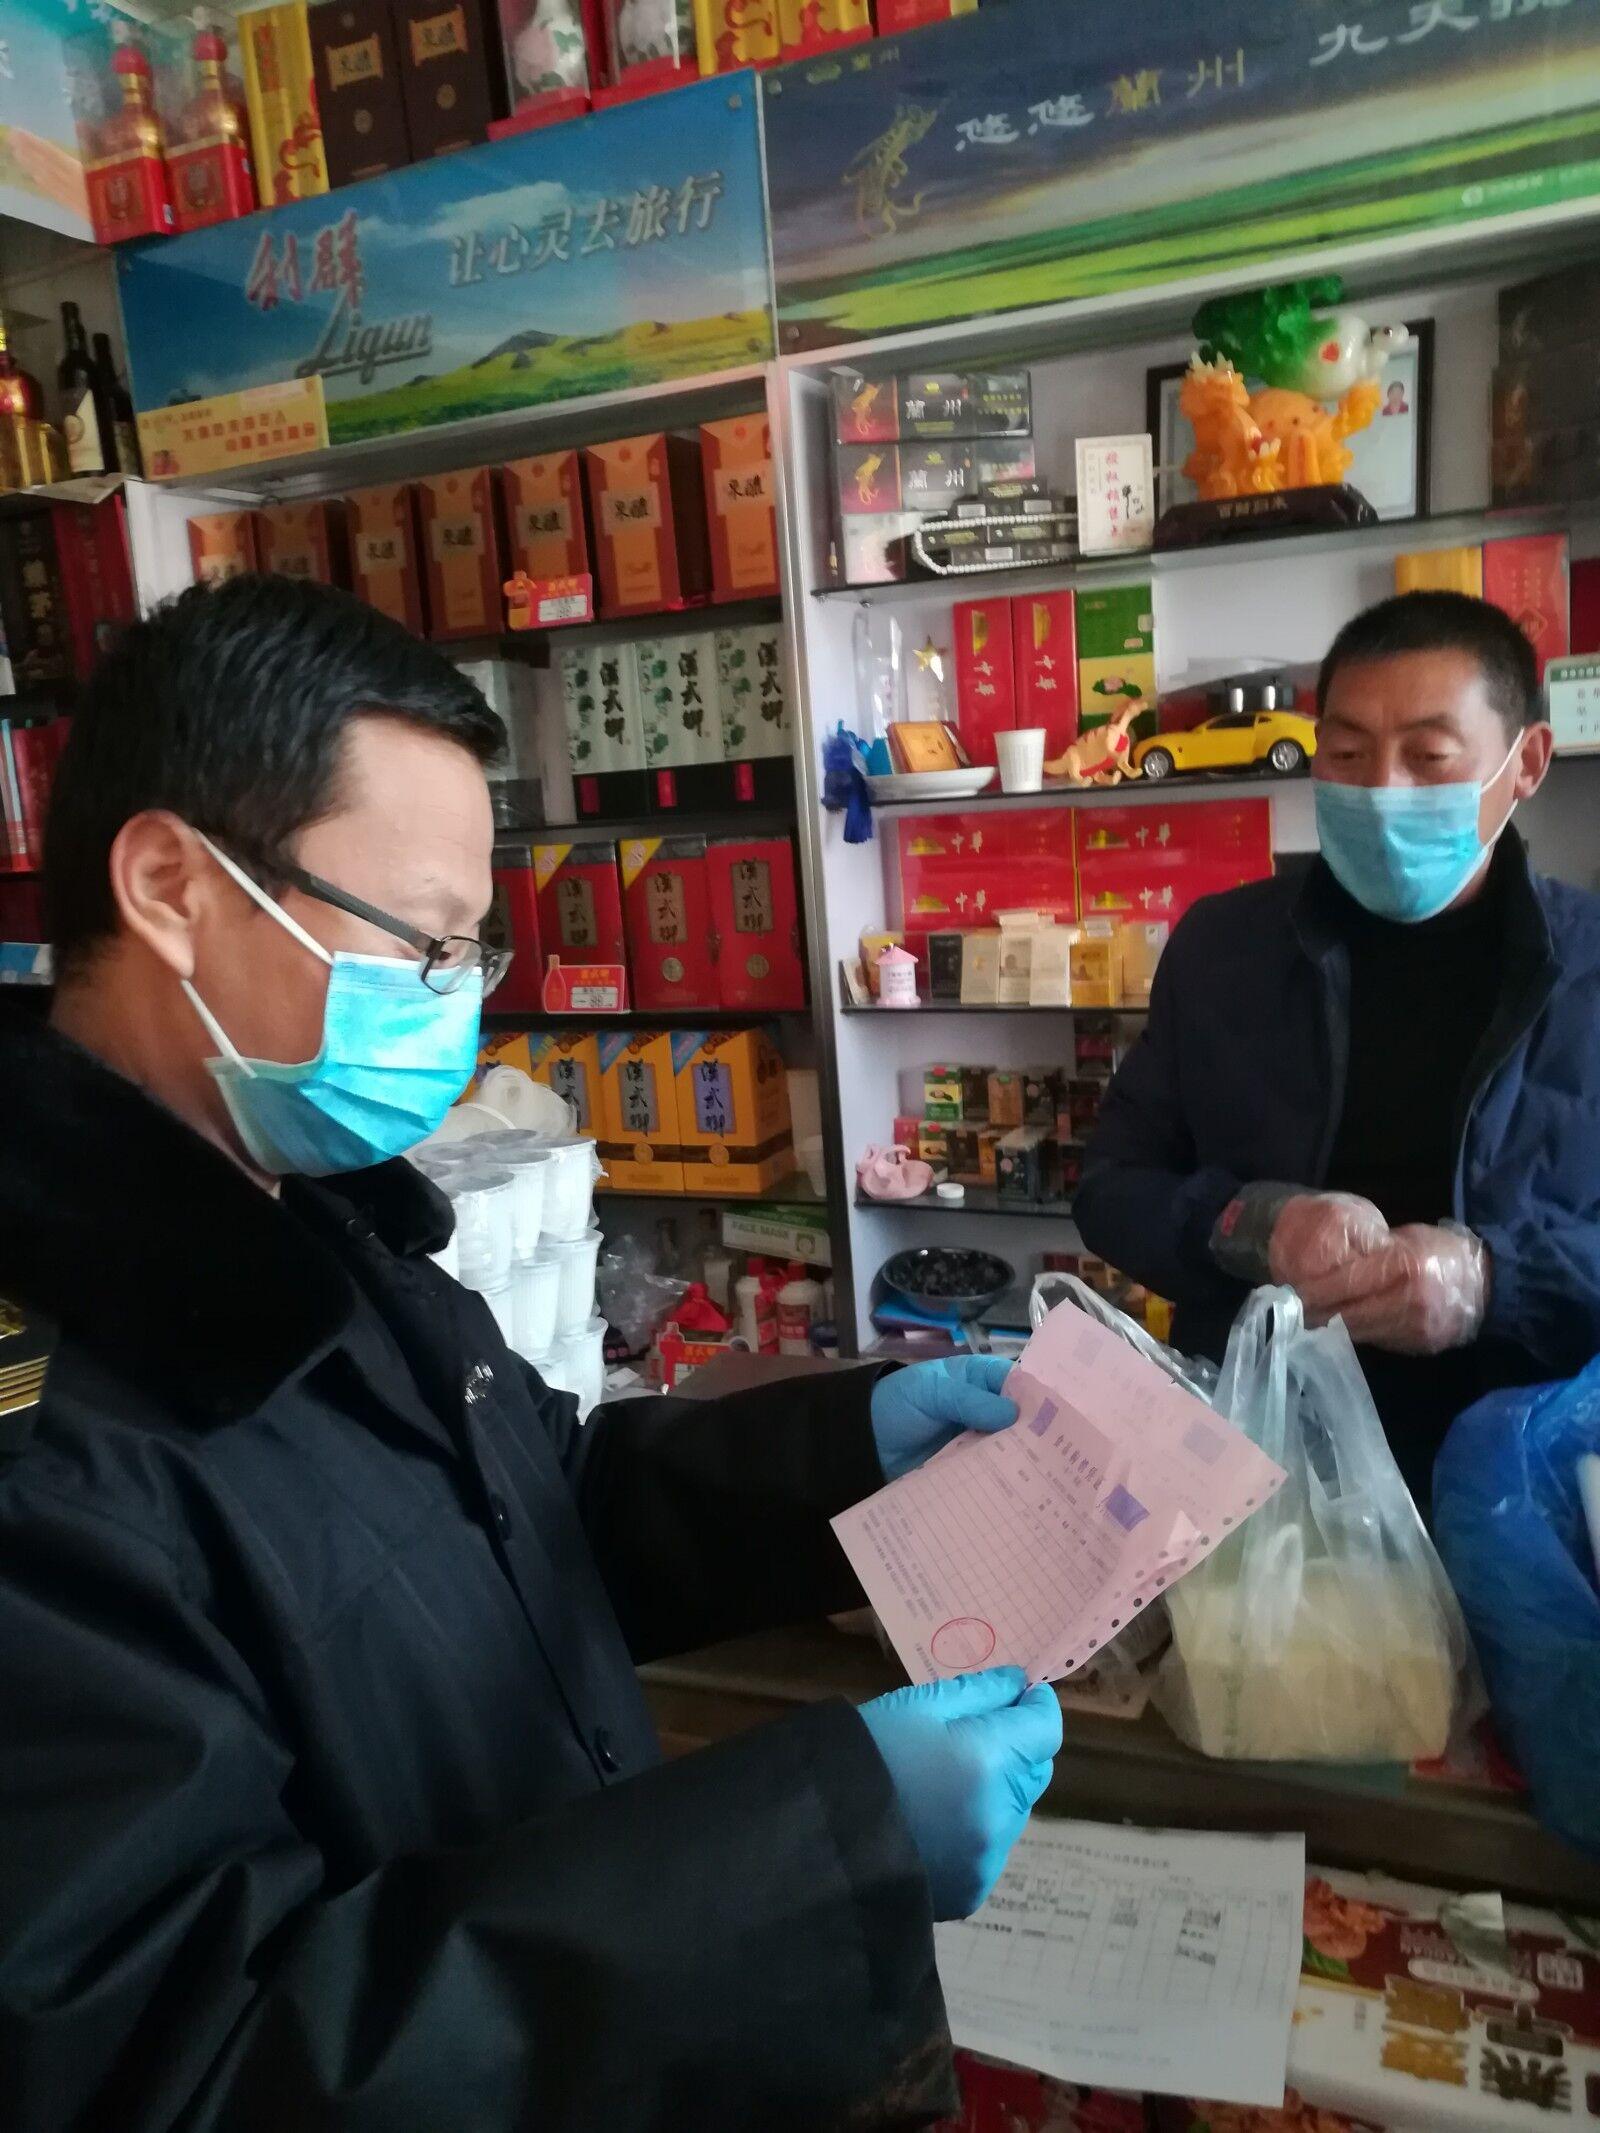 抗击病毒肺炎疫情  市场监管逆风而上 -----肃州区市场监管局多措并举推进疫情防控工作